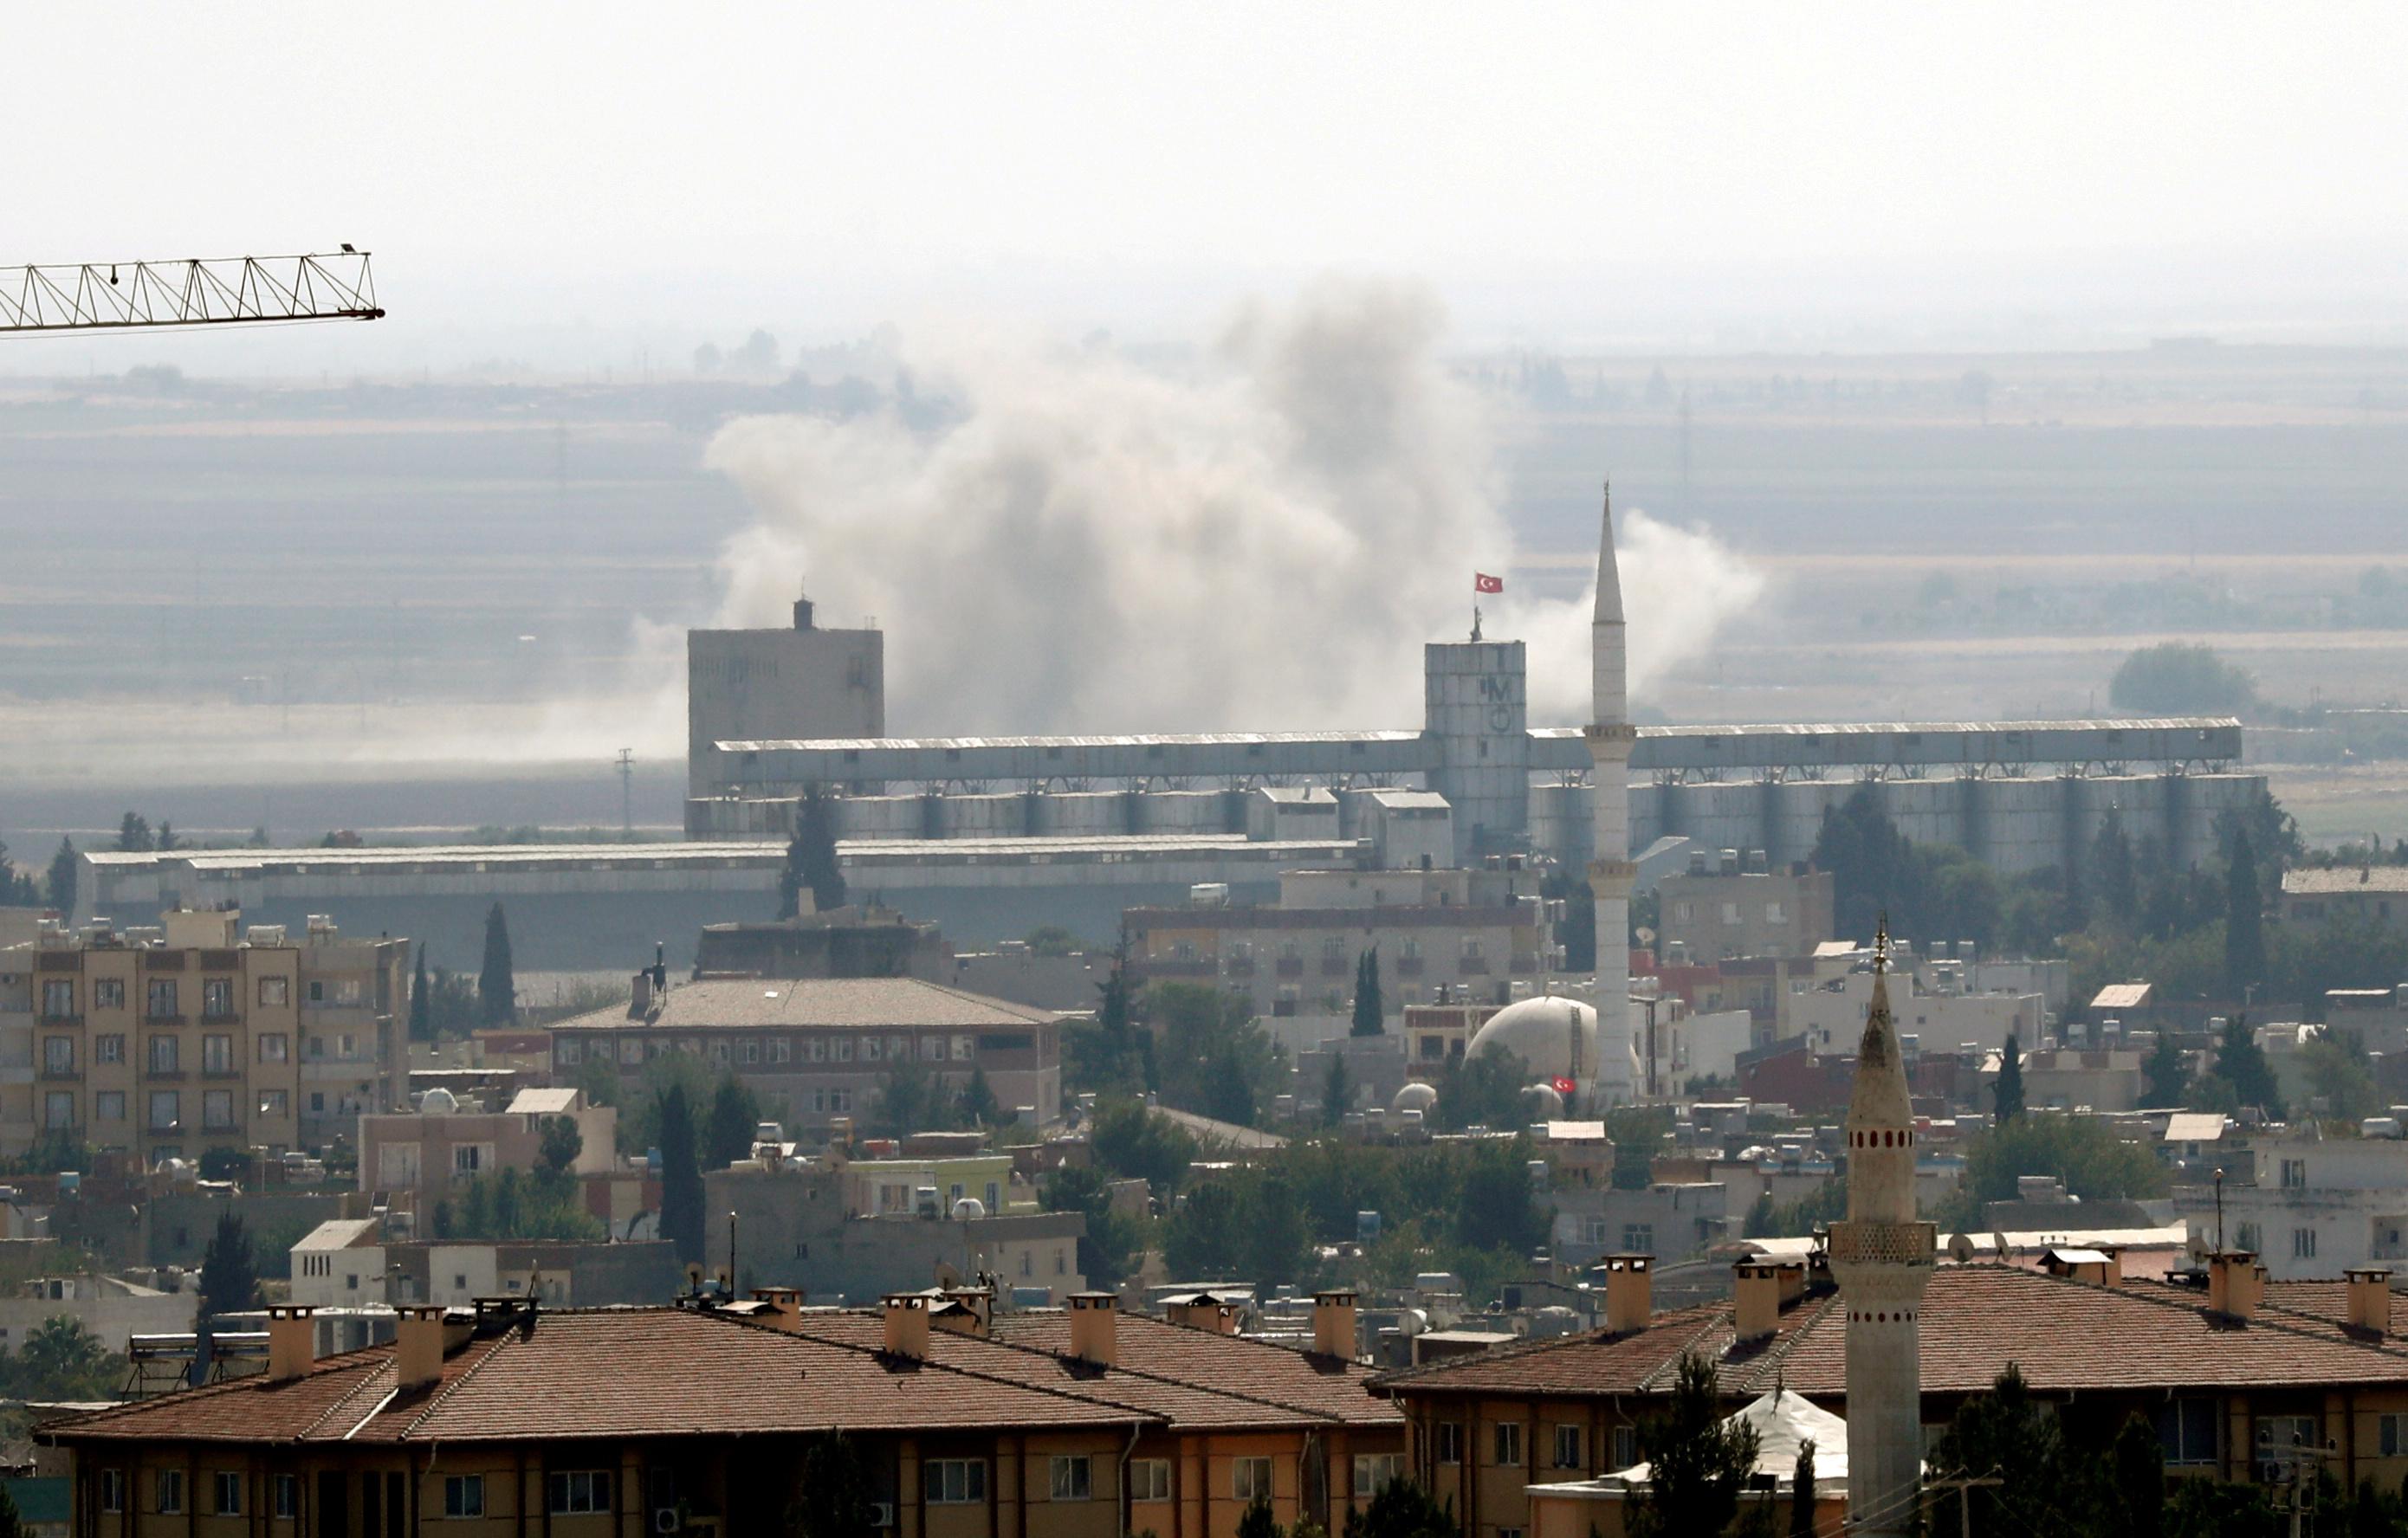 Υπό τον έλεγχο του τουρκικού στρατού η πόλη Ρας αλ-Αιν!  Οι Κούρδοι ανακοίνωσαν την αποχώρησή τους